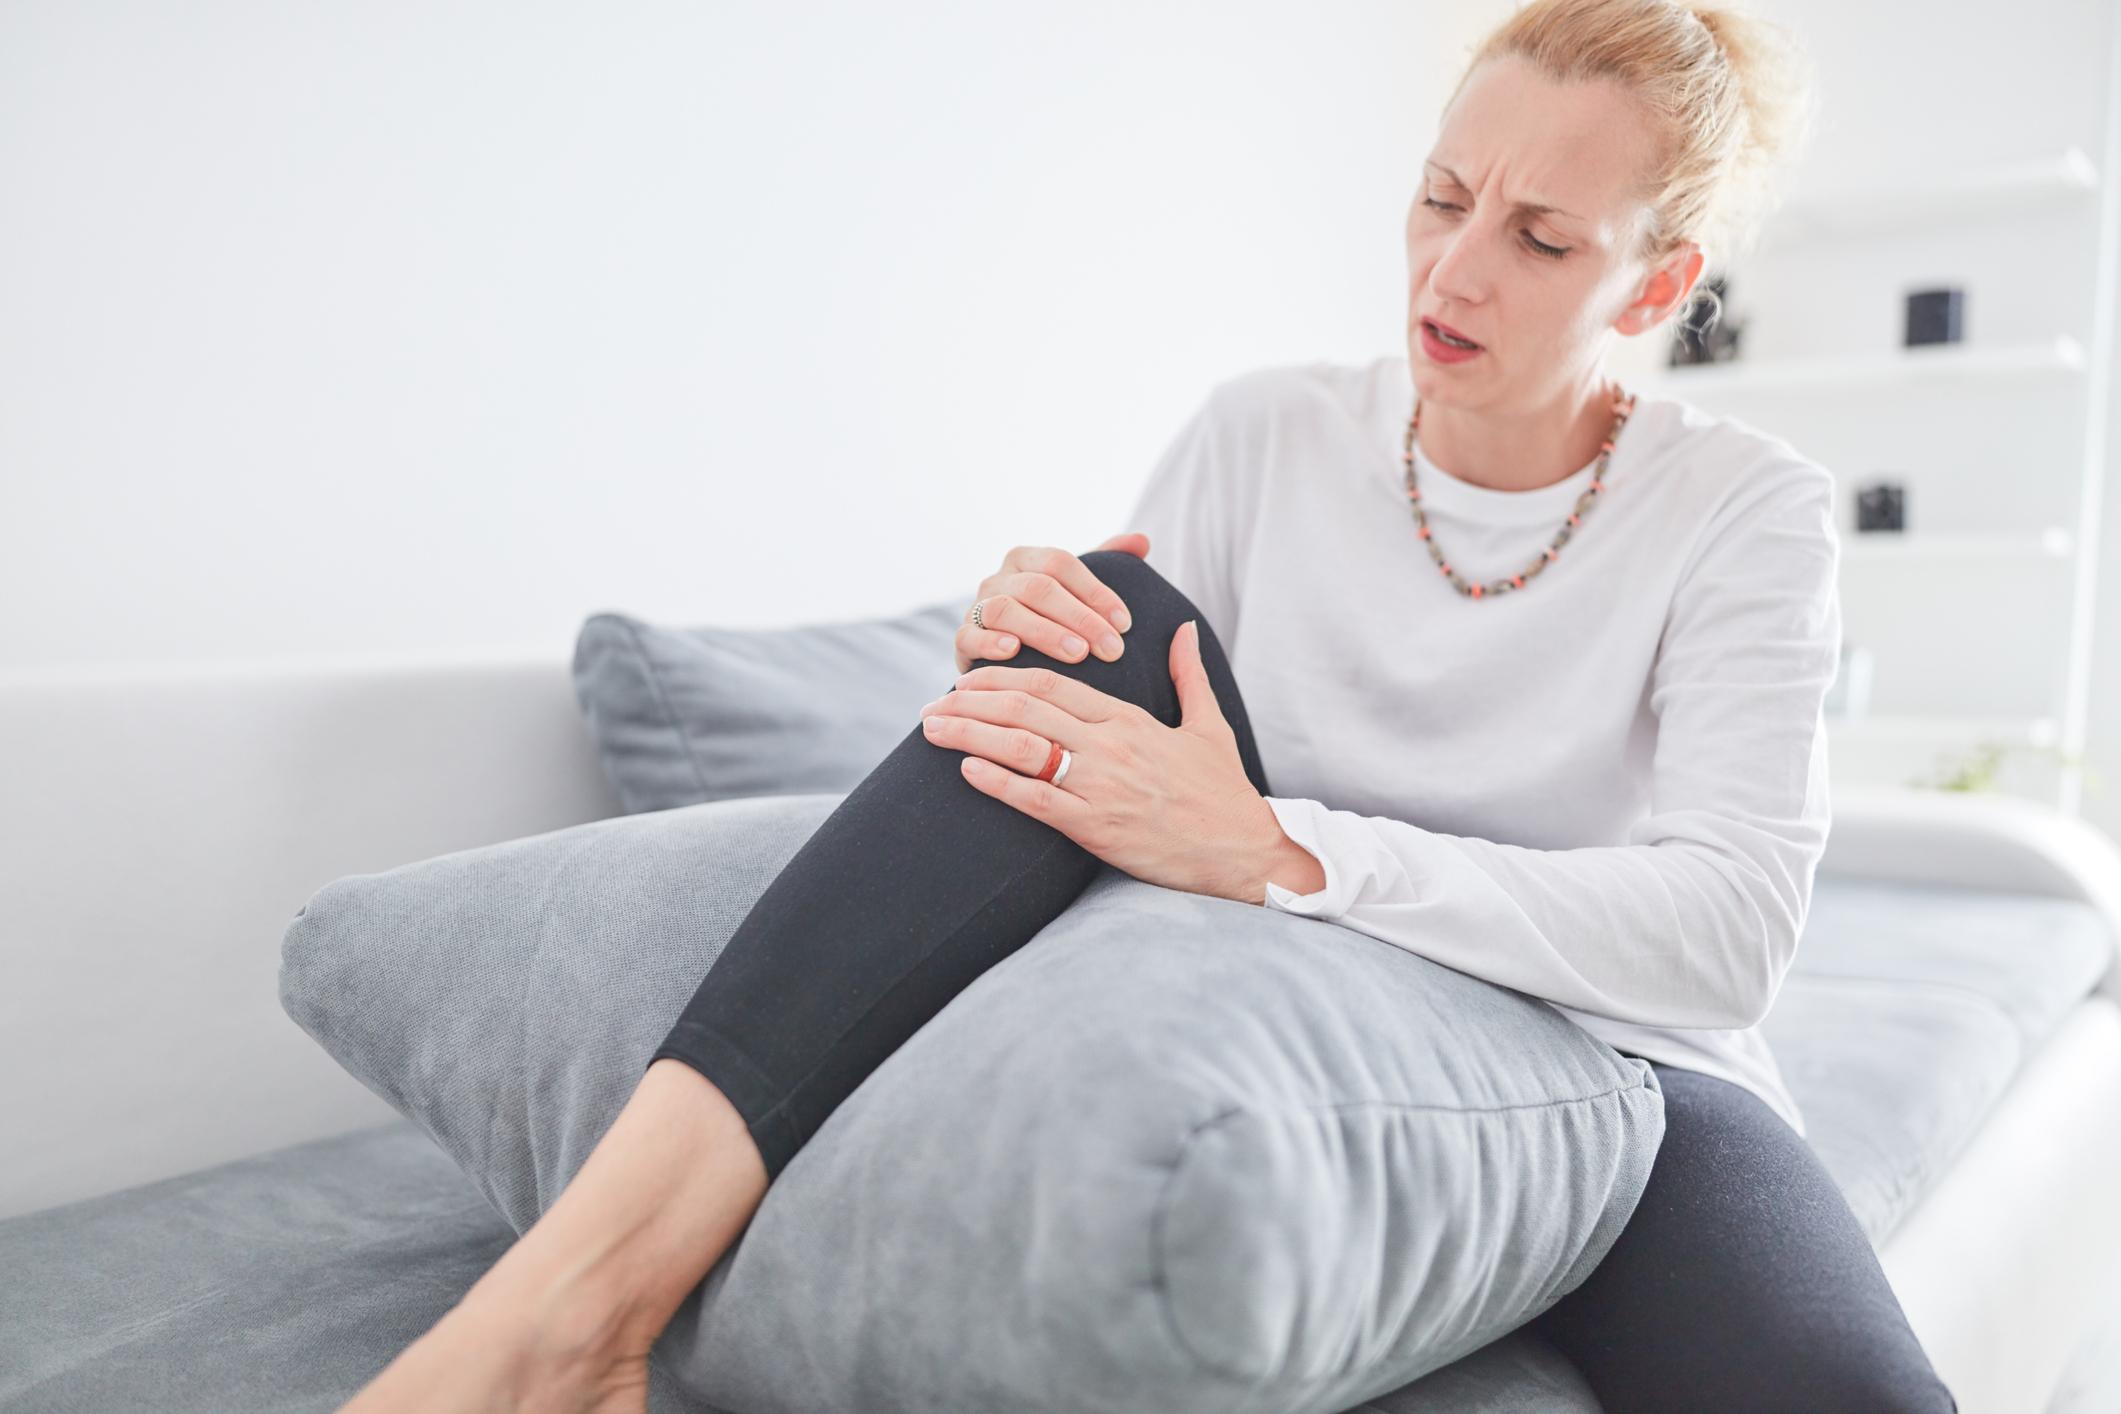 magas vérnyomás magnézium kezelés)